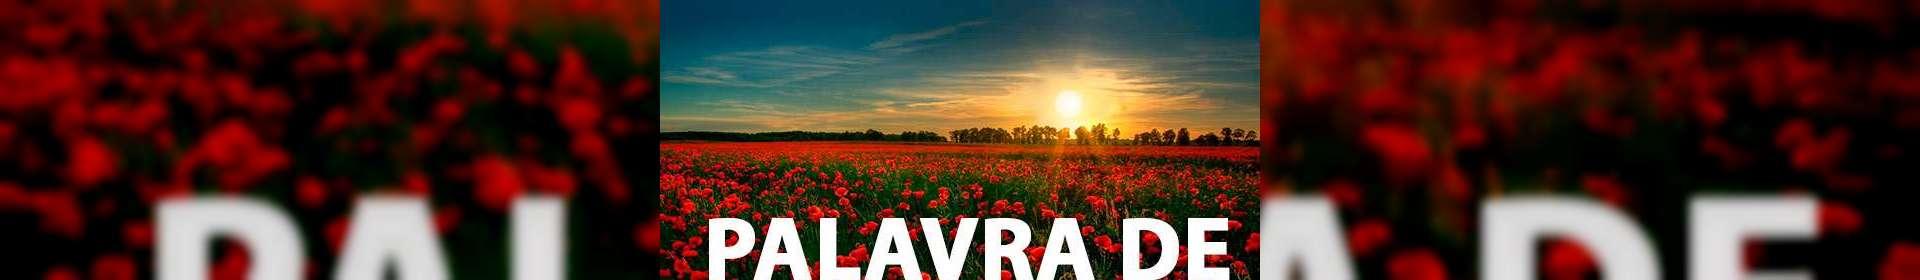 Salmos 46:1 - Uma Palavra de Esperança para sua vida